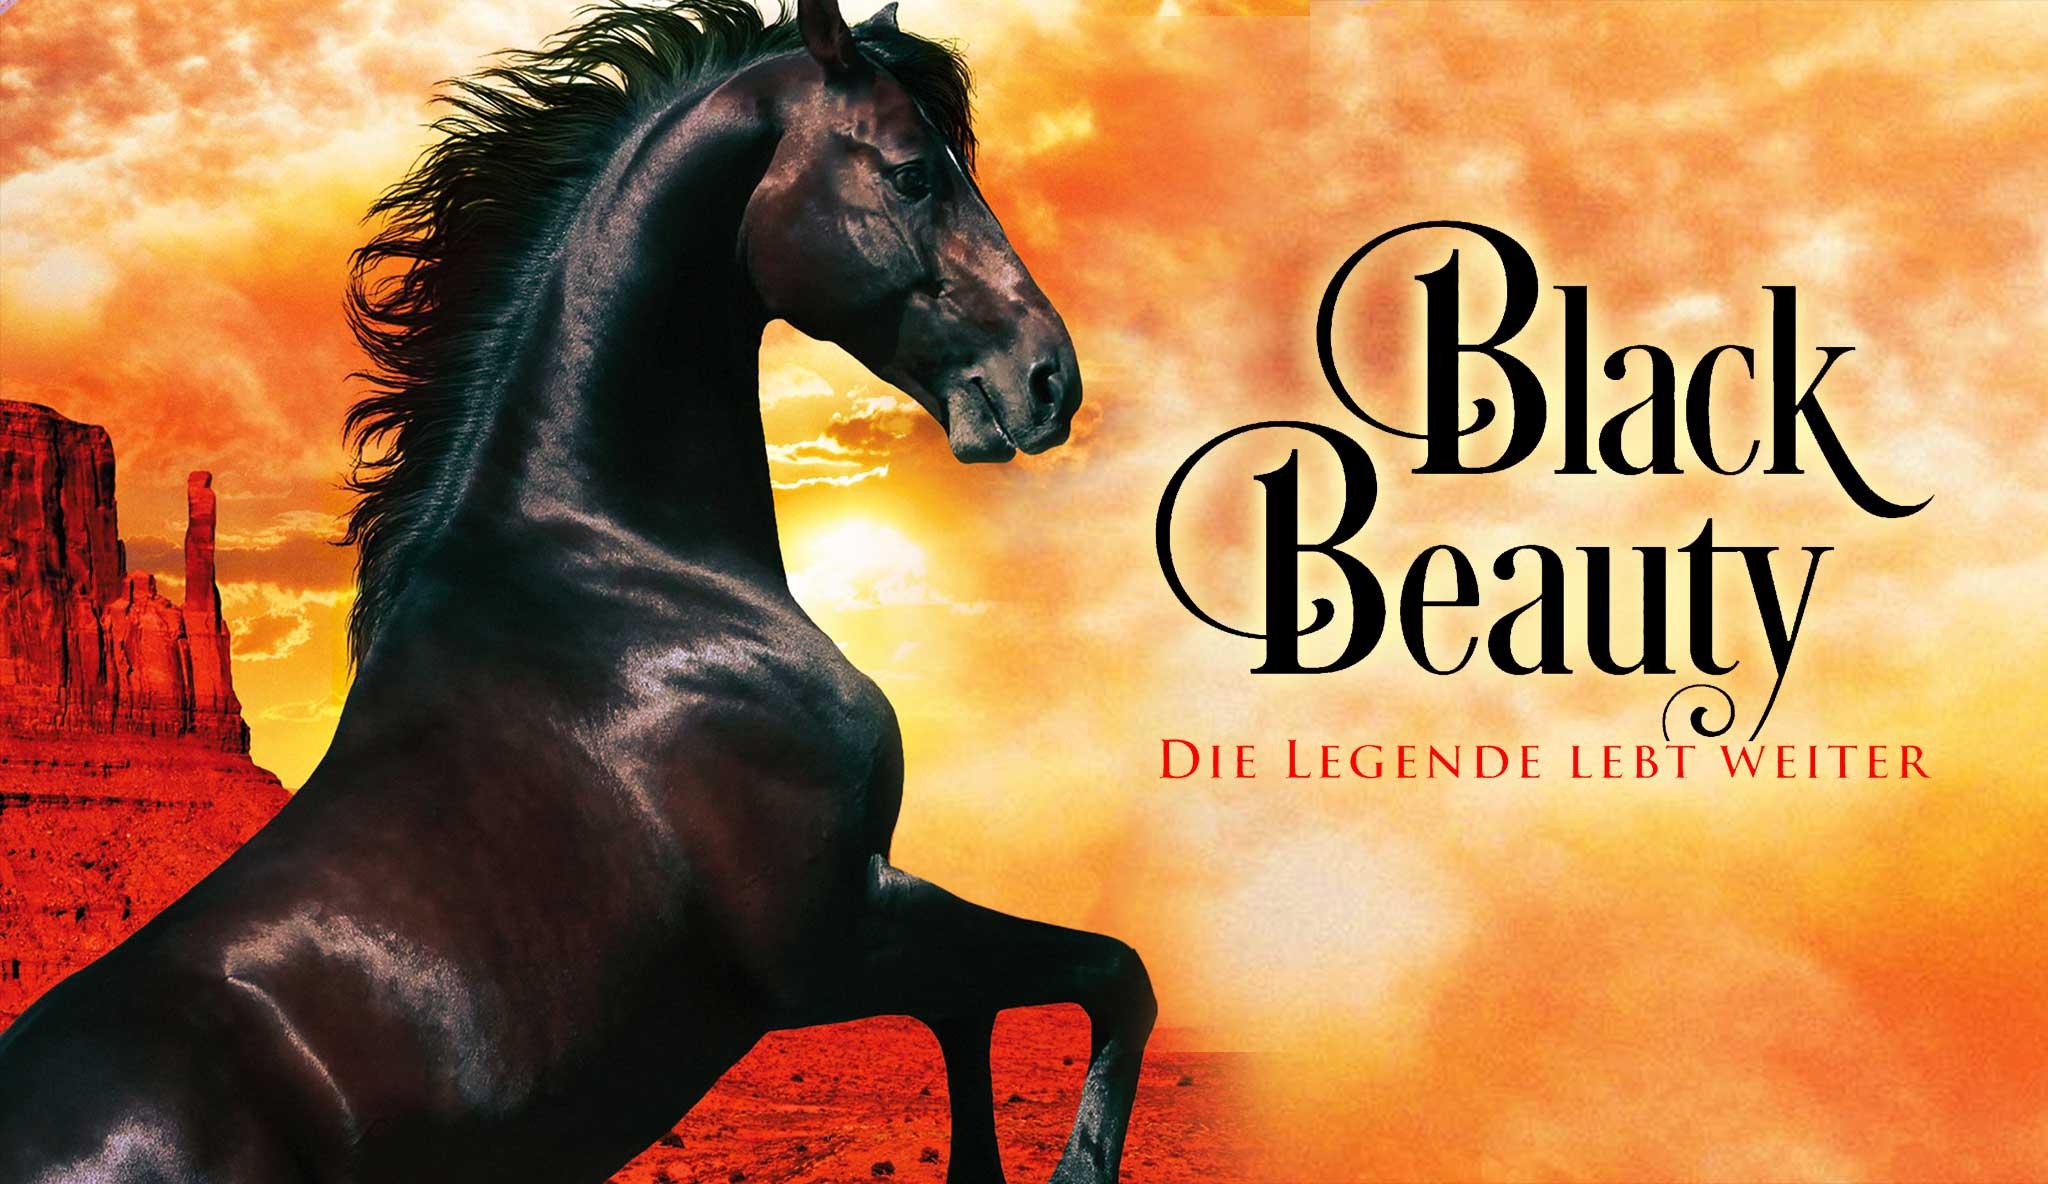 black-beauty-die-legende-lebt-weiter\header.jpg